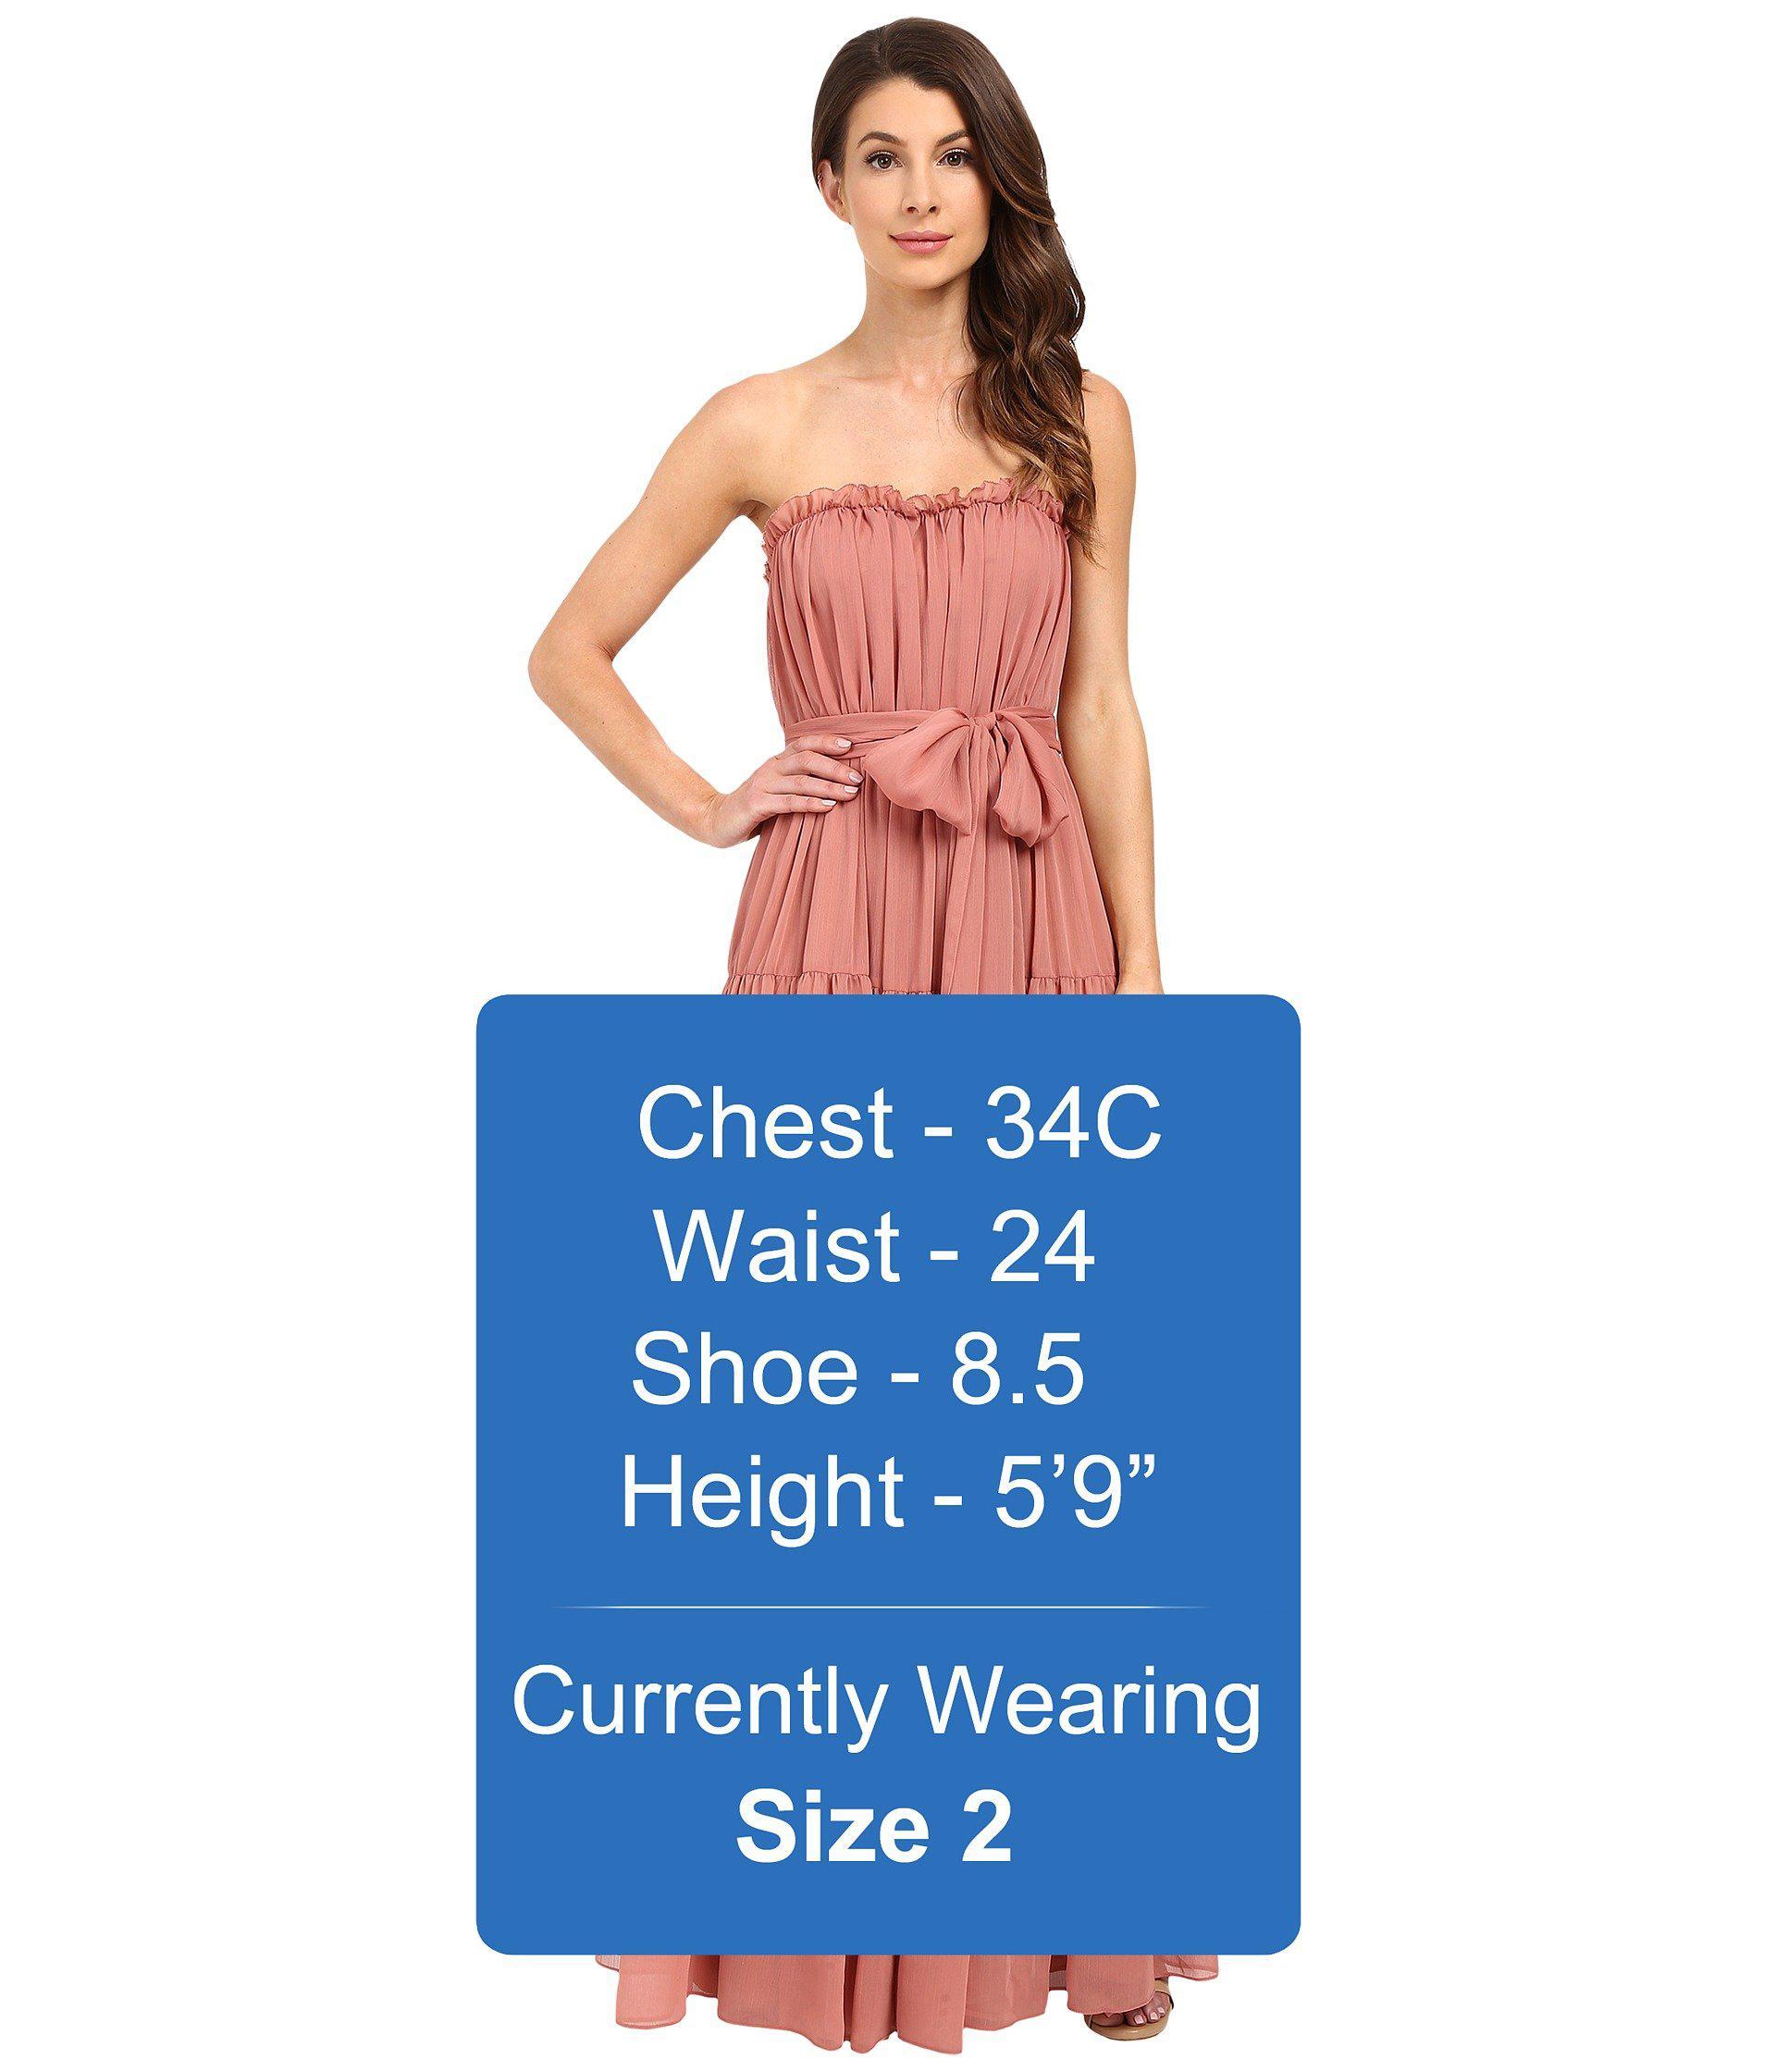 152a953ff8f7d JILL Jill Stuart Strapless Crinkle Chiffon Gown W/ Tie At Waist in ...